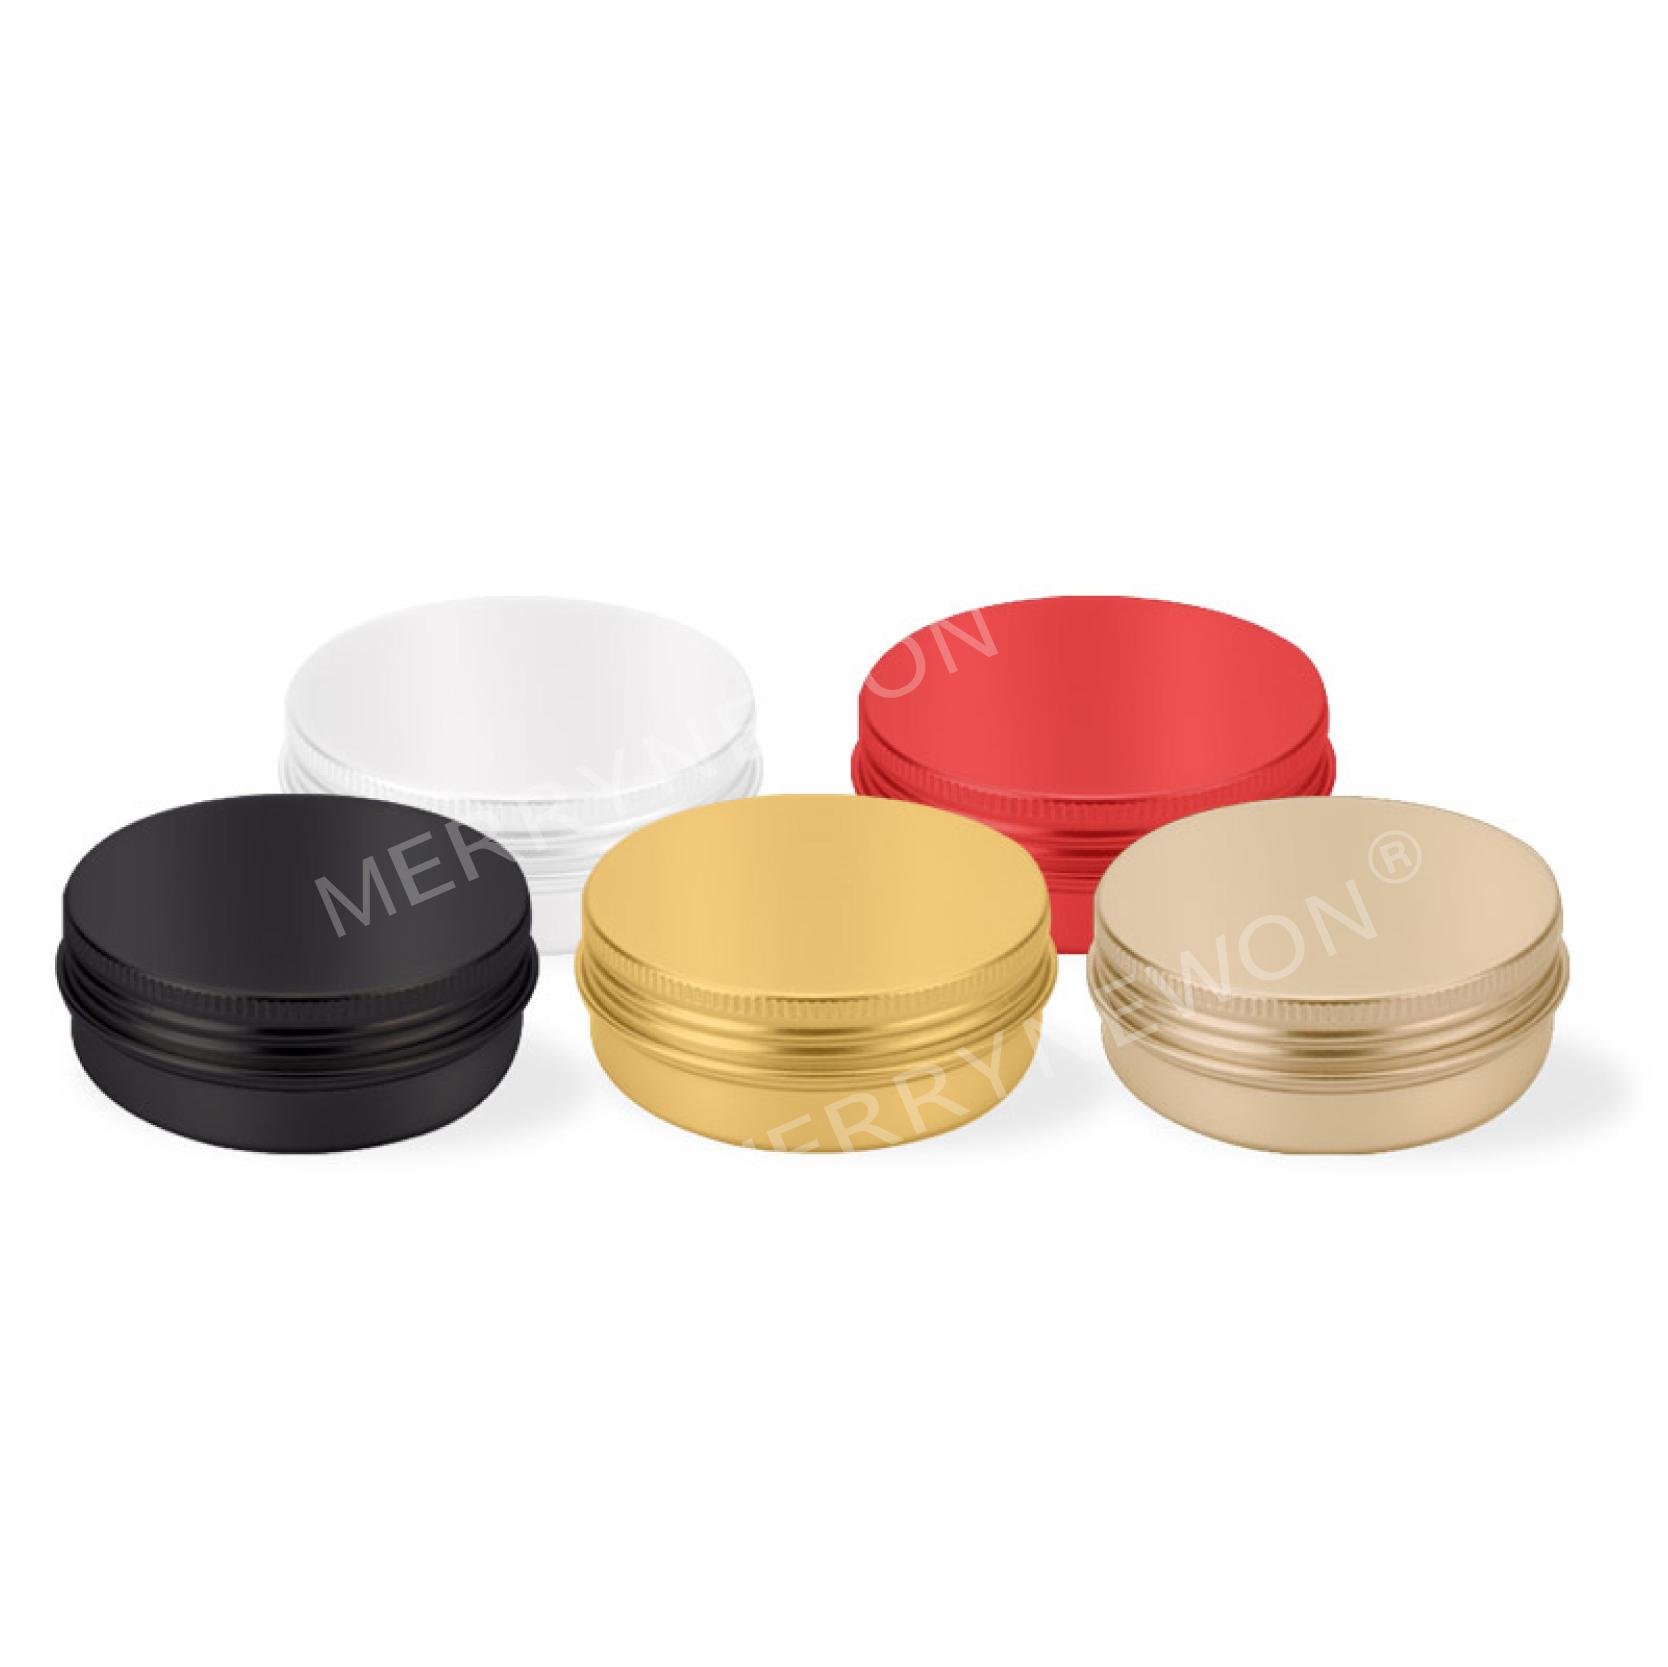 60 ml kleine blikje metalen aluminium pot met deksel container voor Hand cream jar met custom logo matte black /rood kan-60 ml 6825